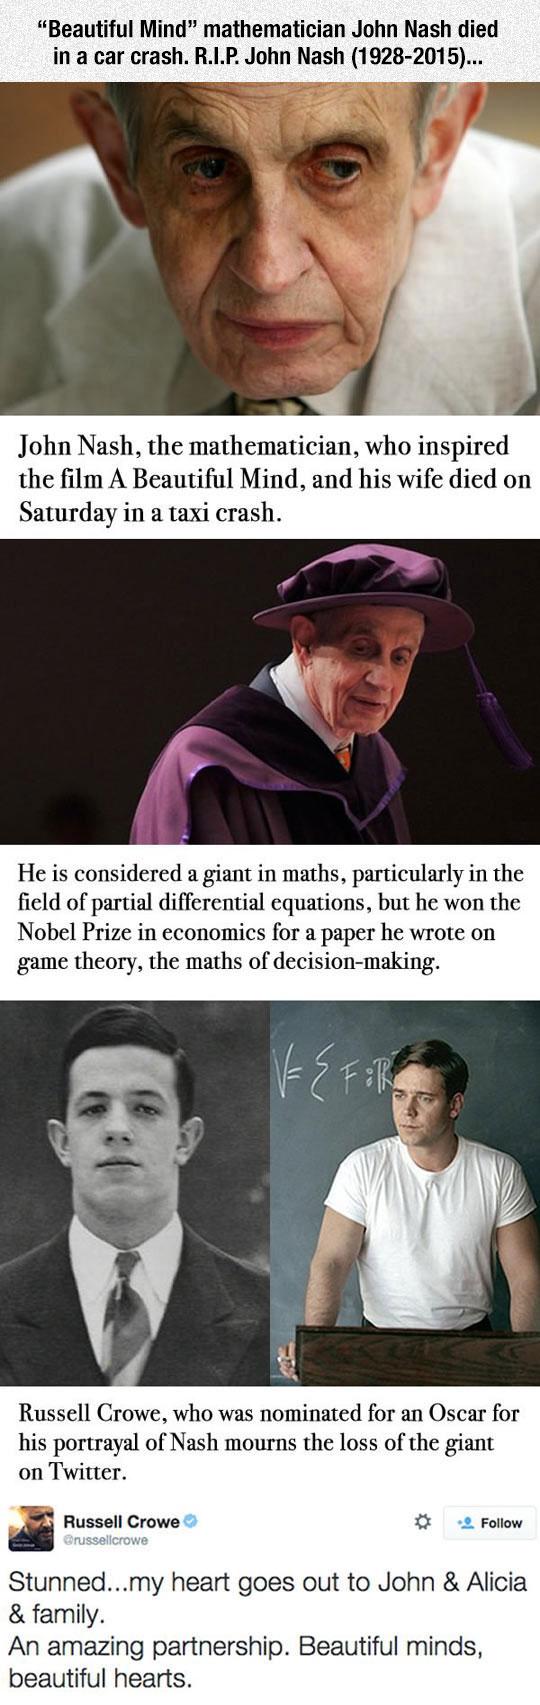 Rest In Peace John Nash